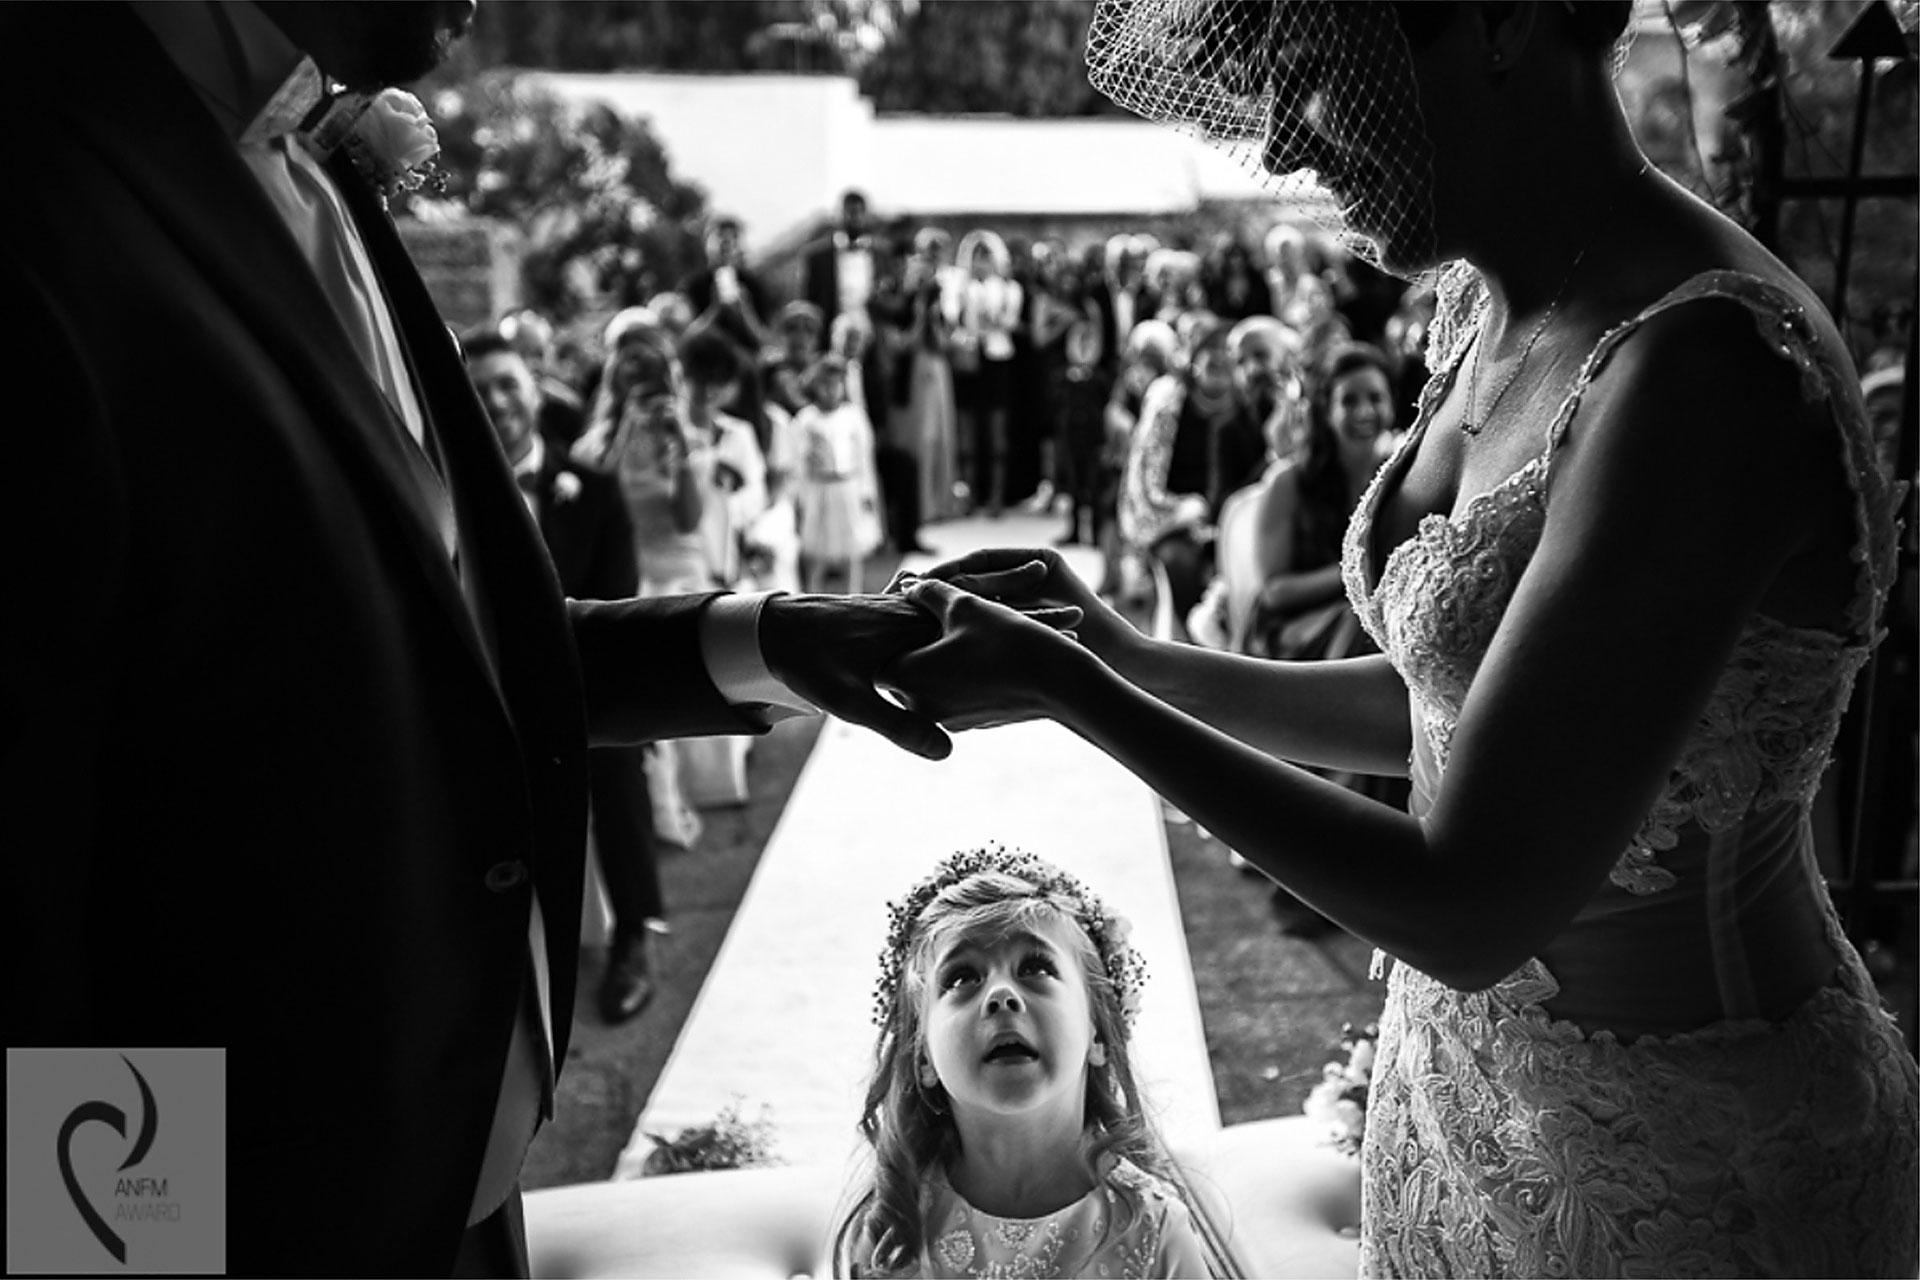 miglior-fotografo-matrimonio-puglia---best-wedding-photographers-puglia